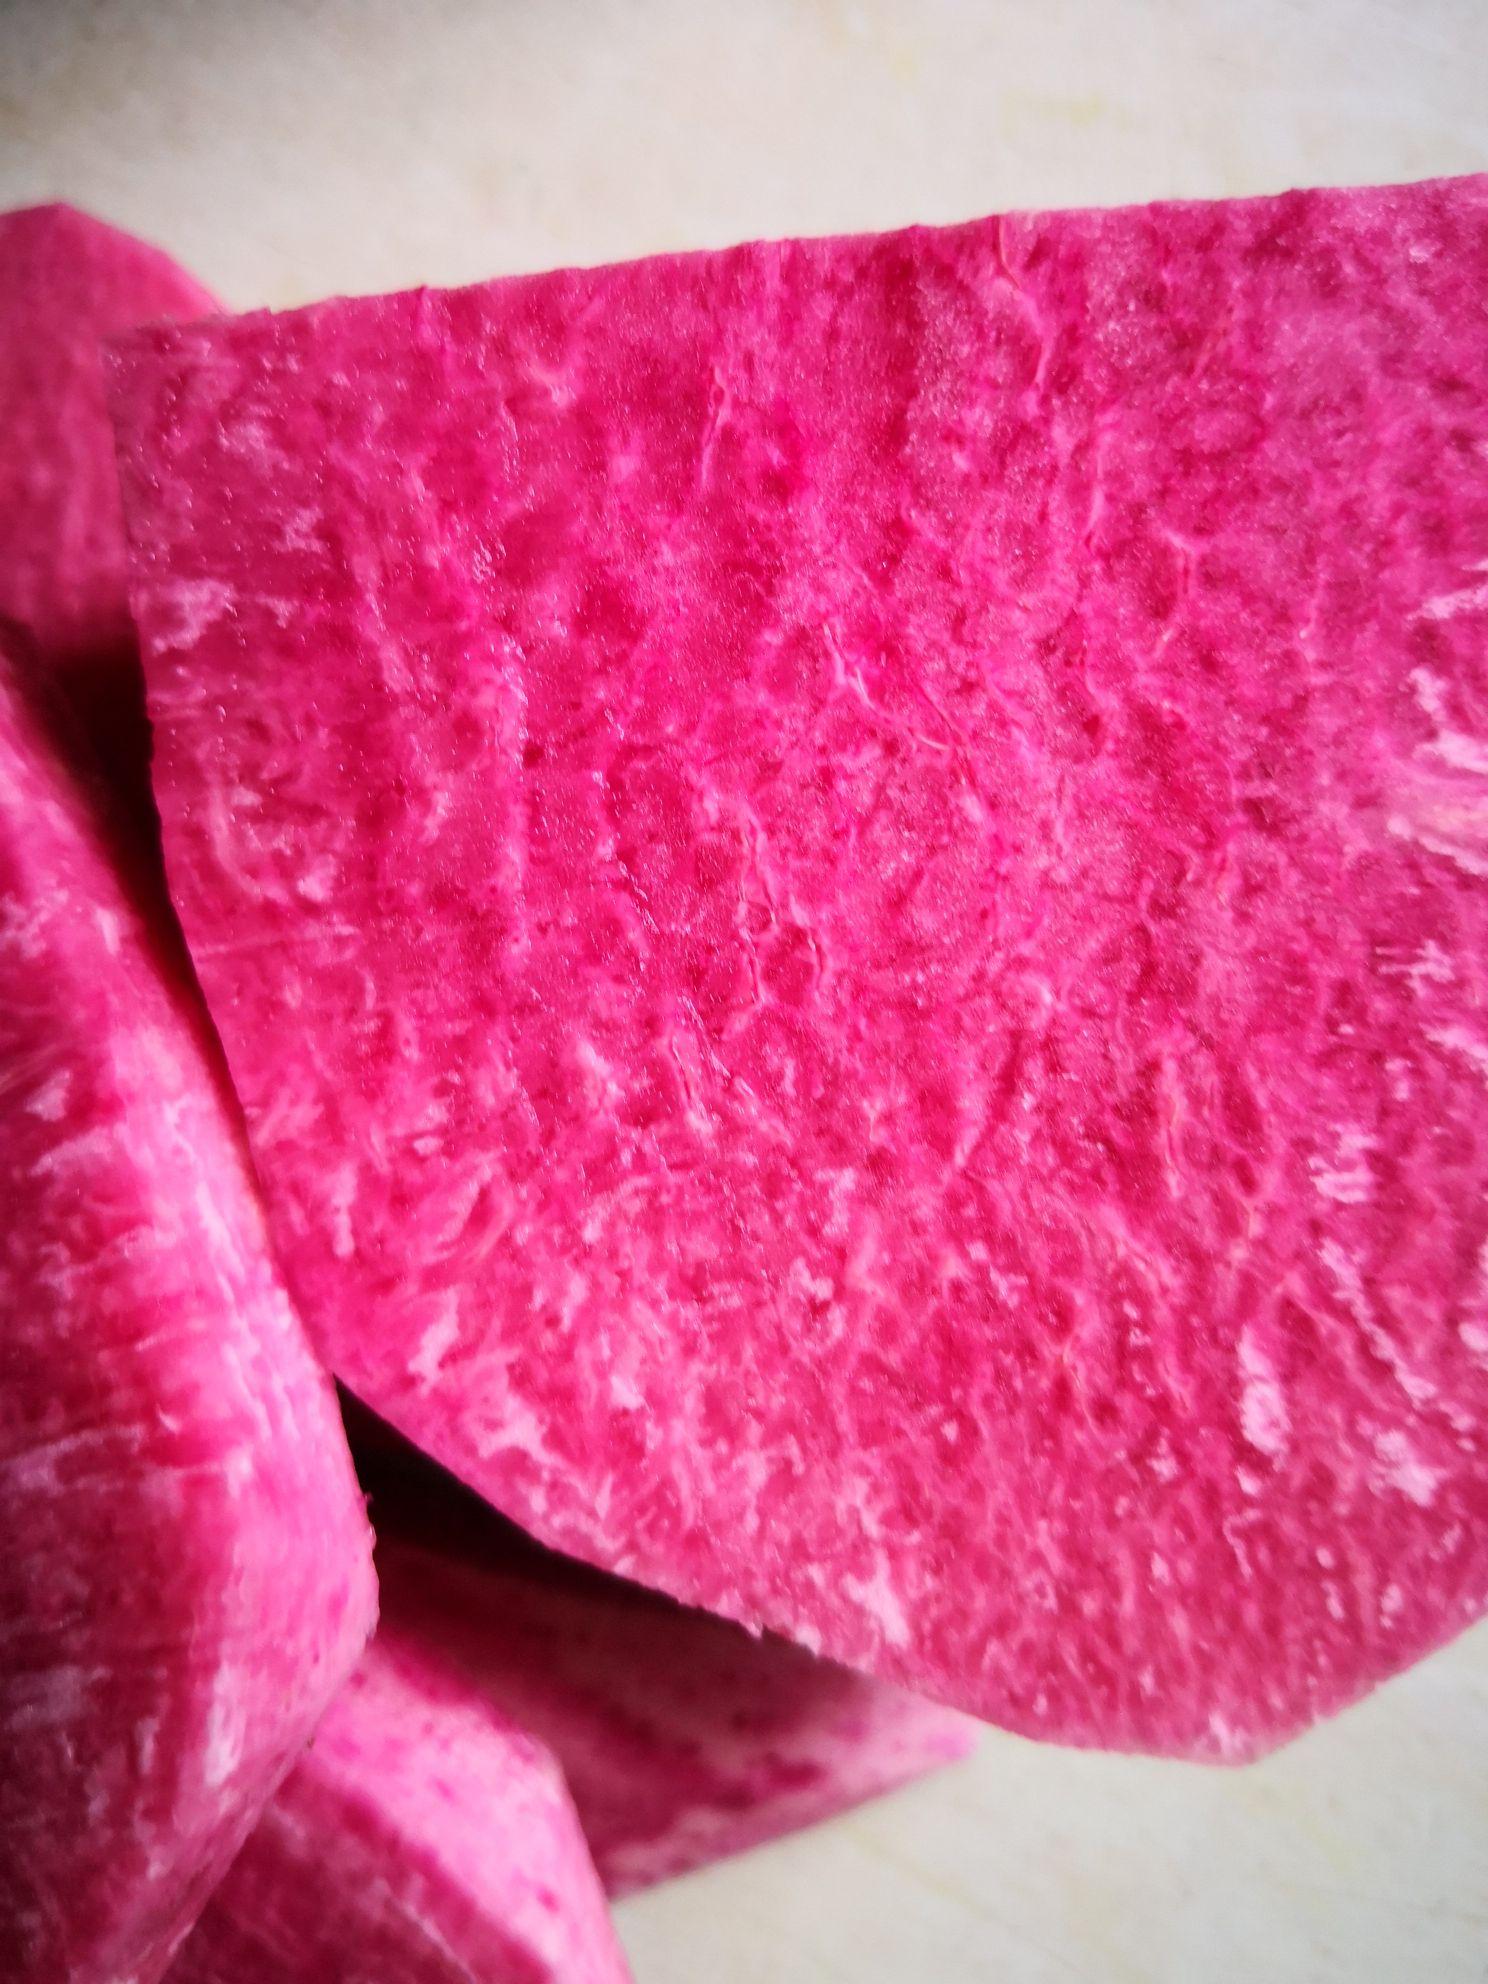 心里美萝卜拌黄瓜条的做法大全